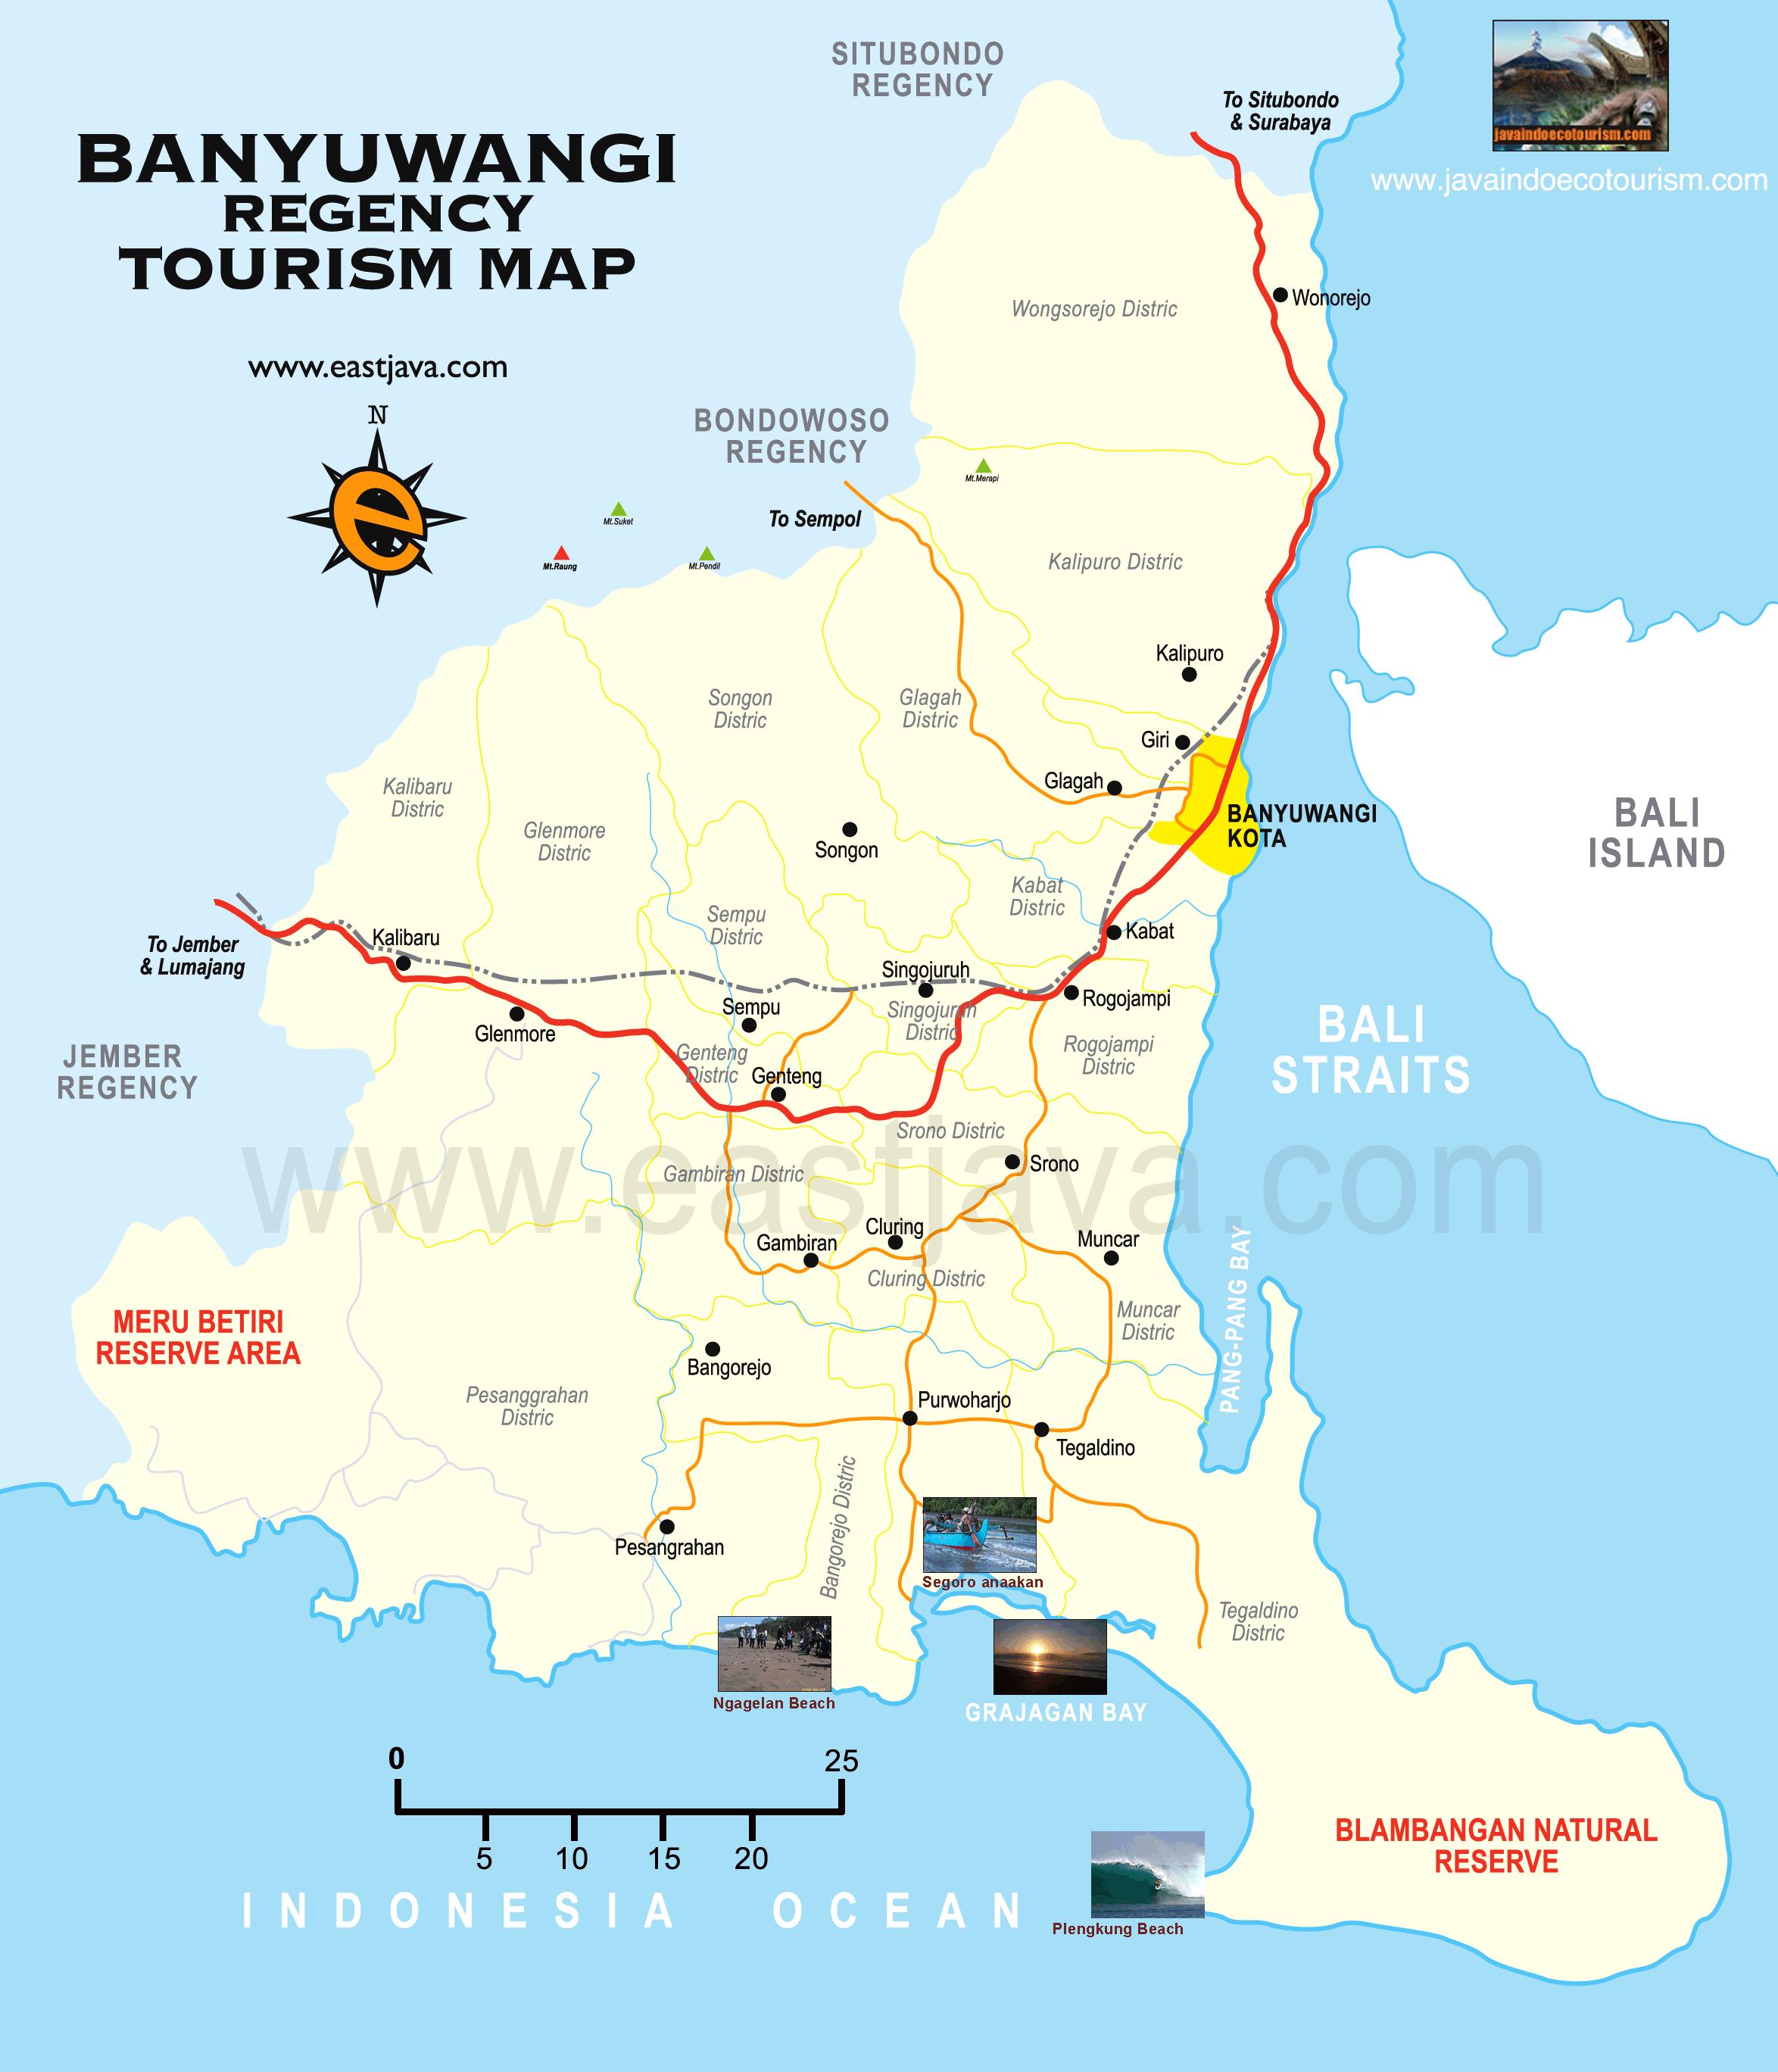 banyuwangi tourism map. banyuwangi tourism map  map of banyuwangi east java